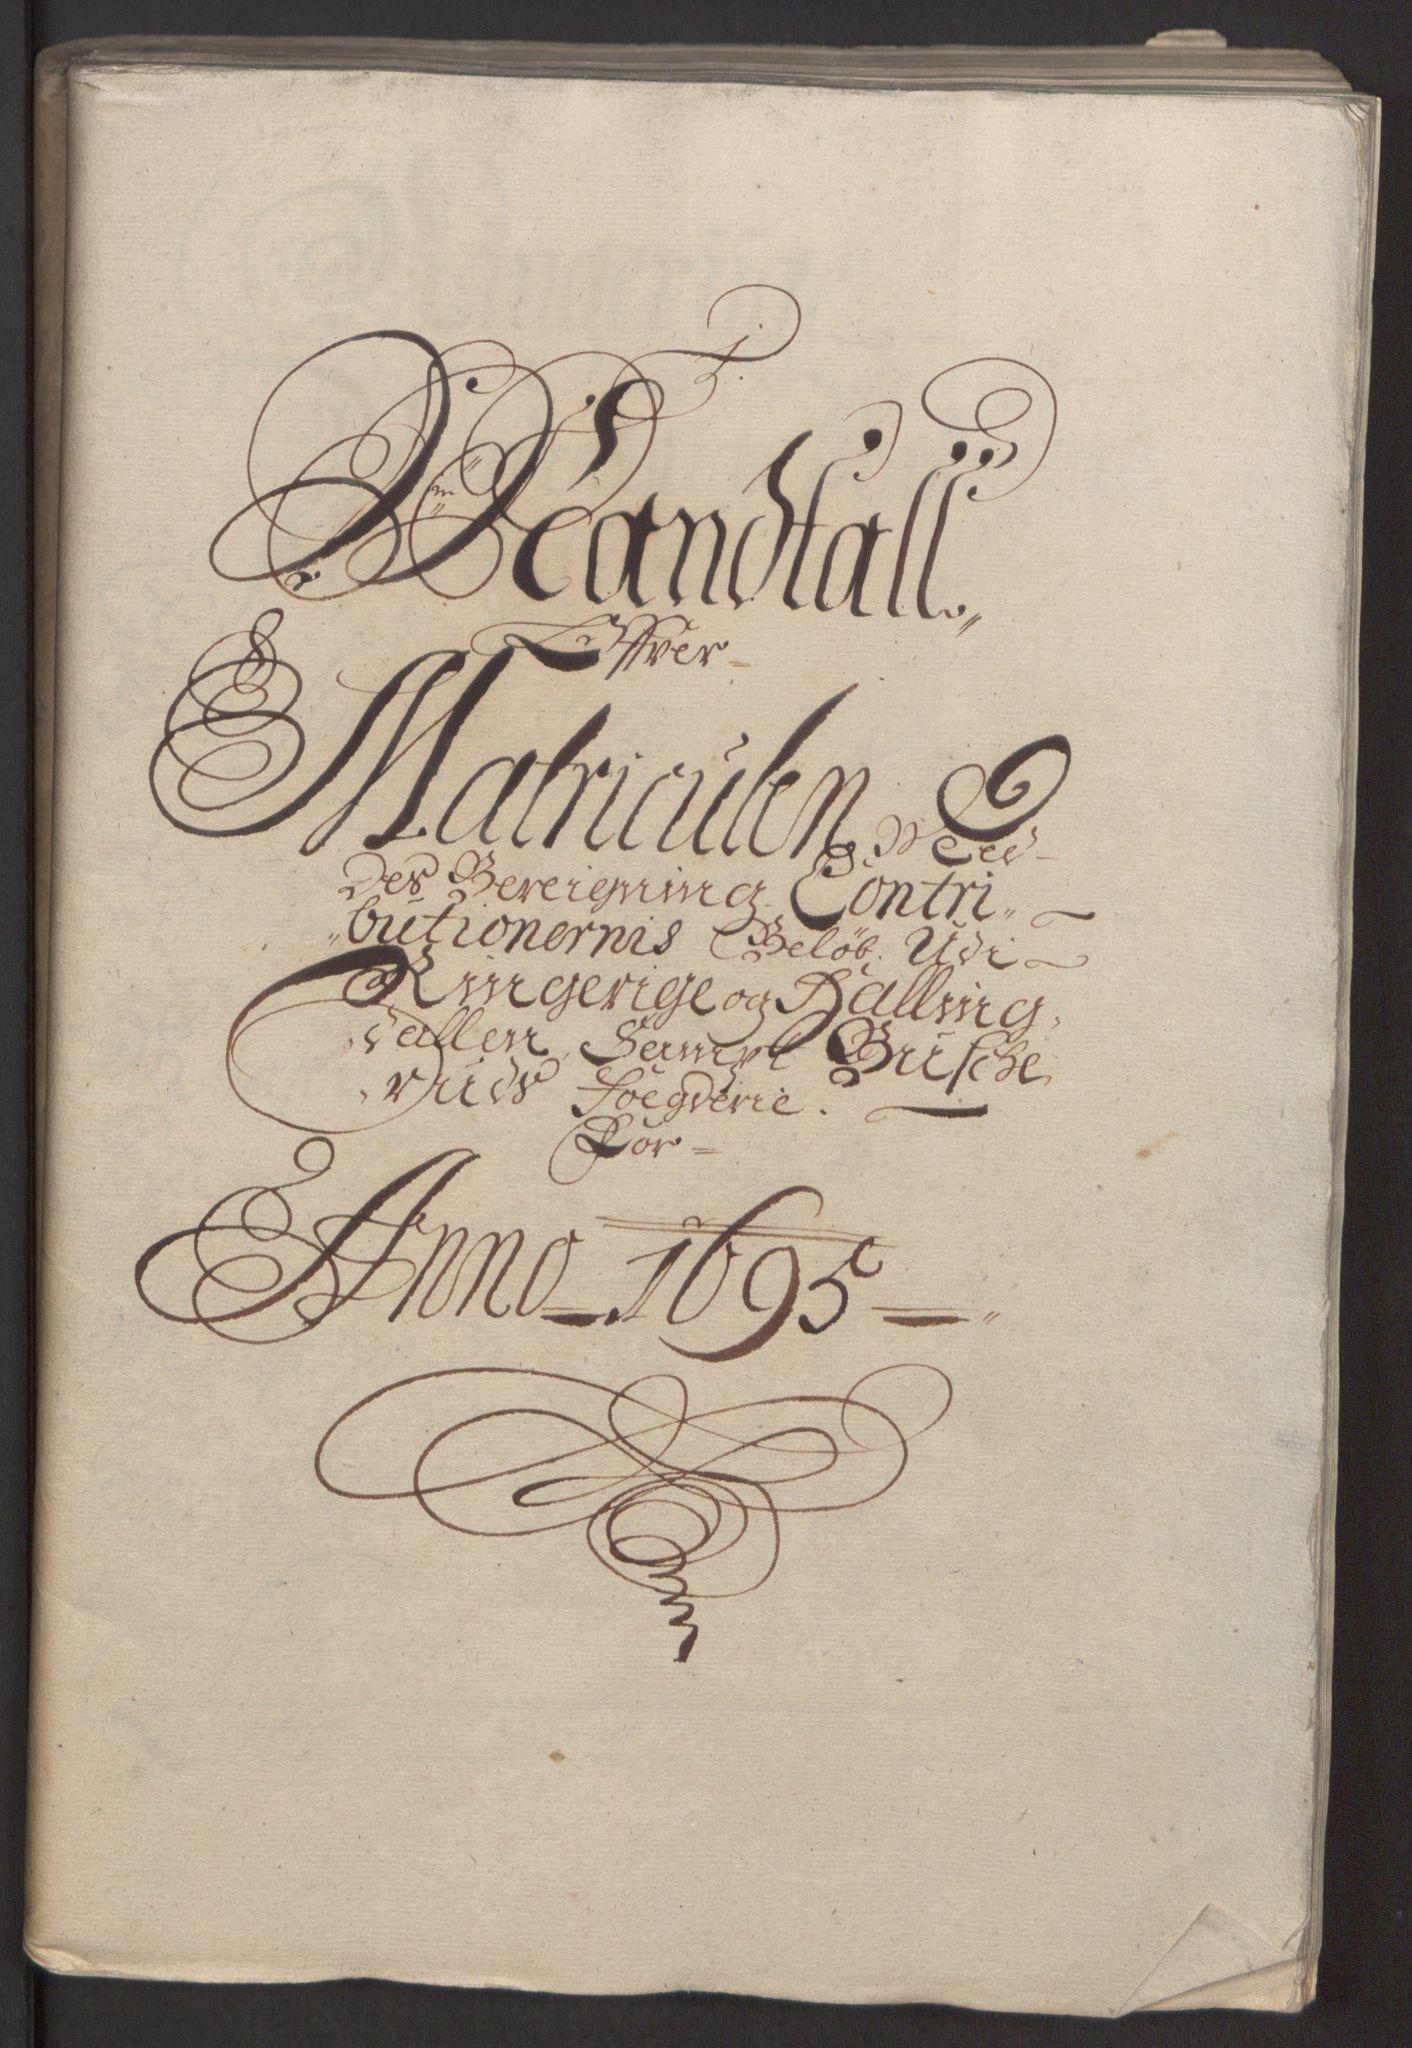 RA, Rentekammeret inntil 1814, Reviderte regnskaper, Fogderegnskap, R22/L1452: Fogderegnskap Ringerike, Hallingdal og Buskerud, 1695, s. 18